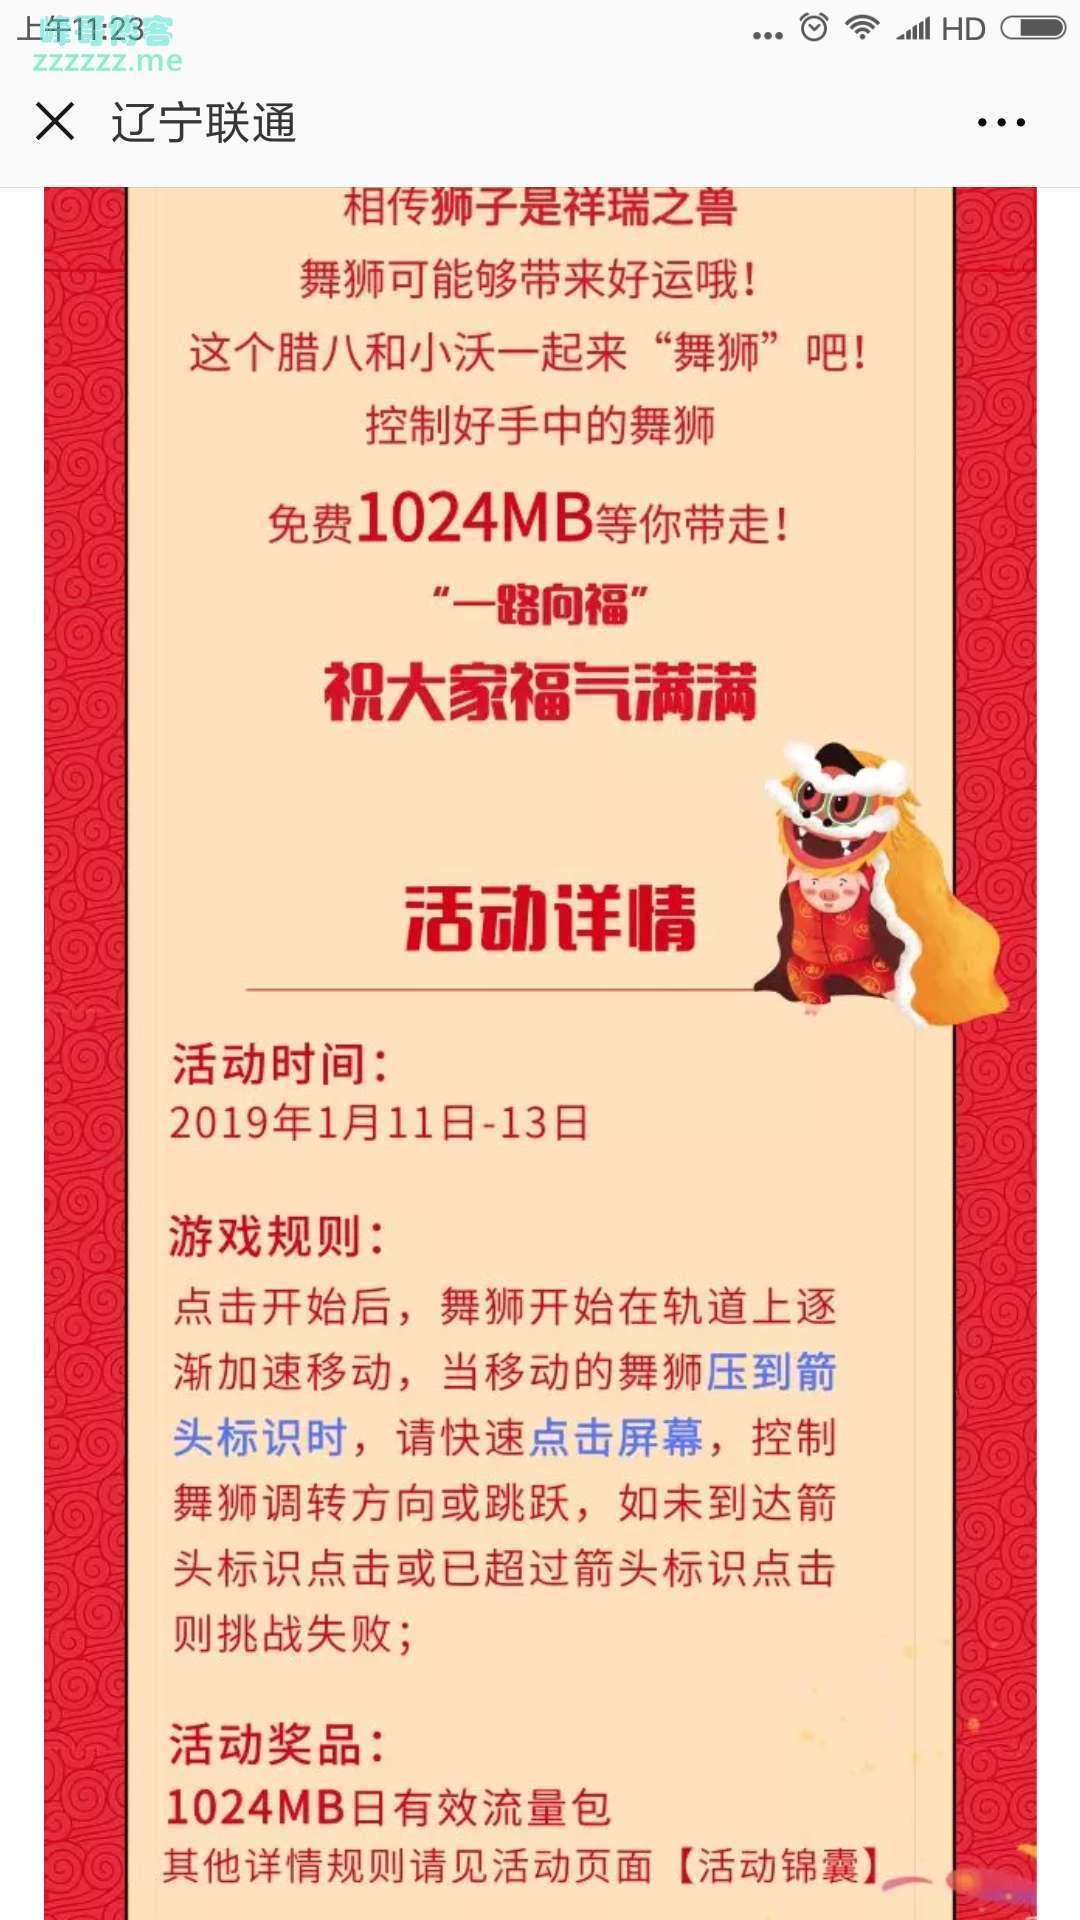 <辽宁联通>过个有料腊八,舞狮送1024MB(截至1月13日)